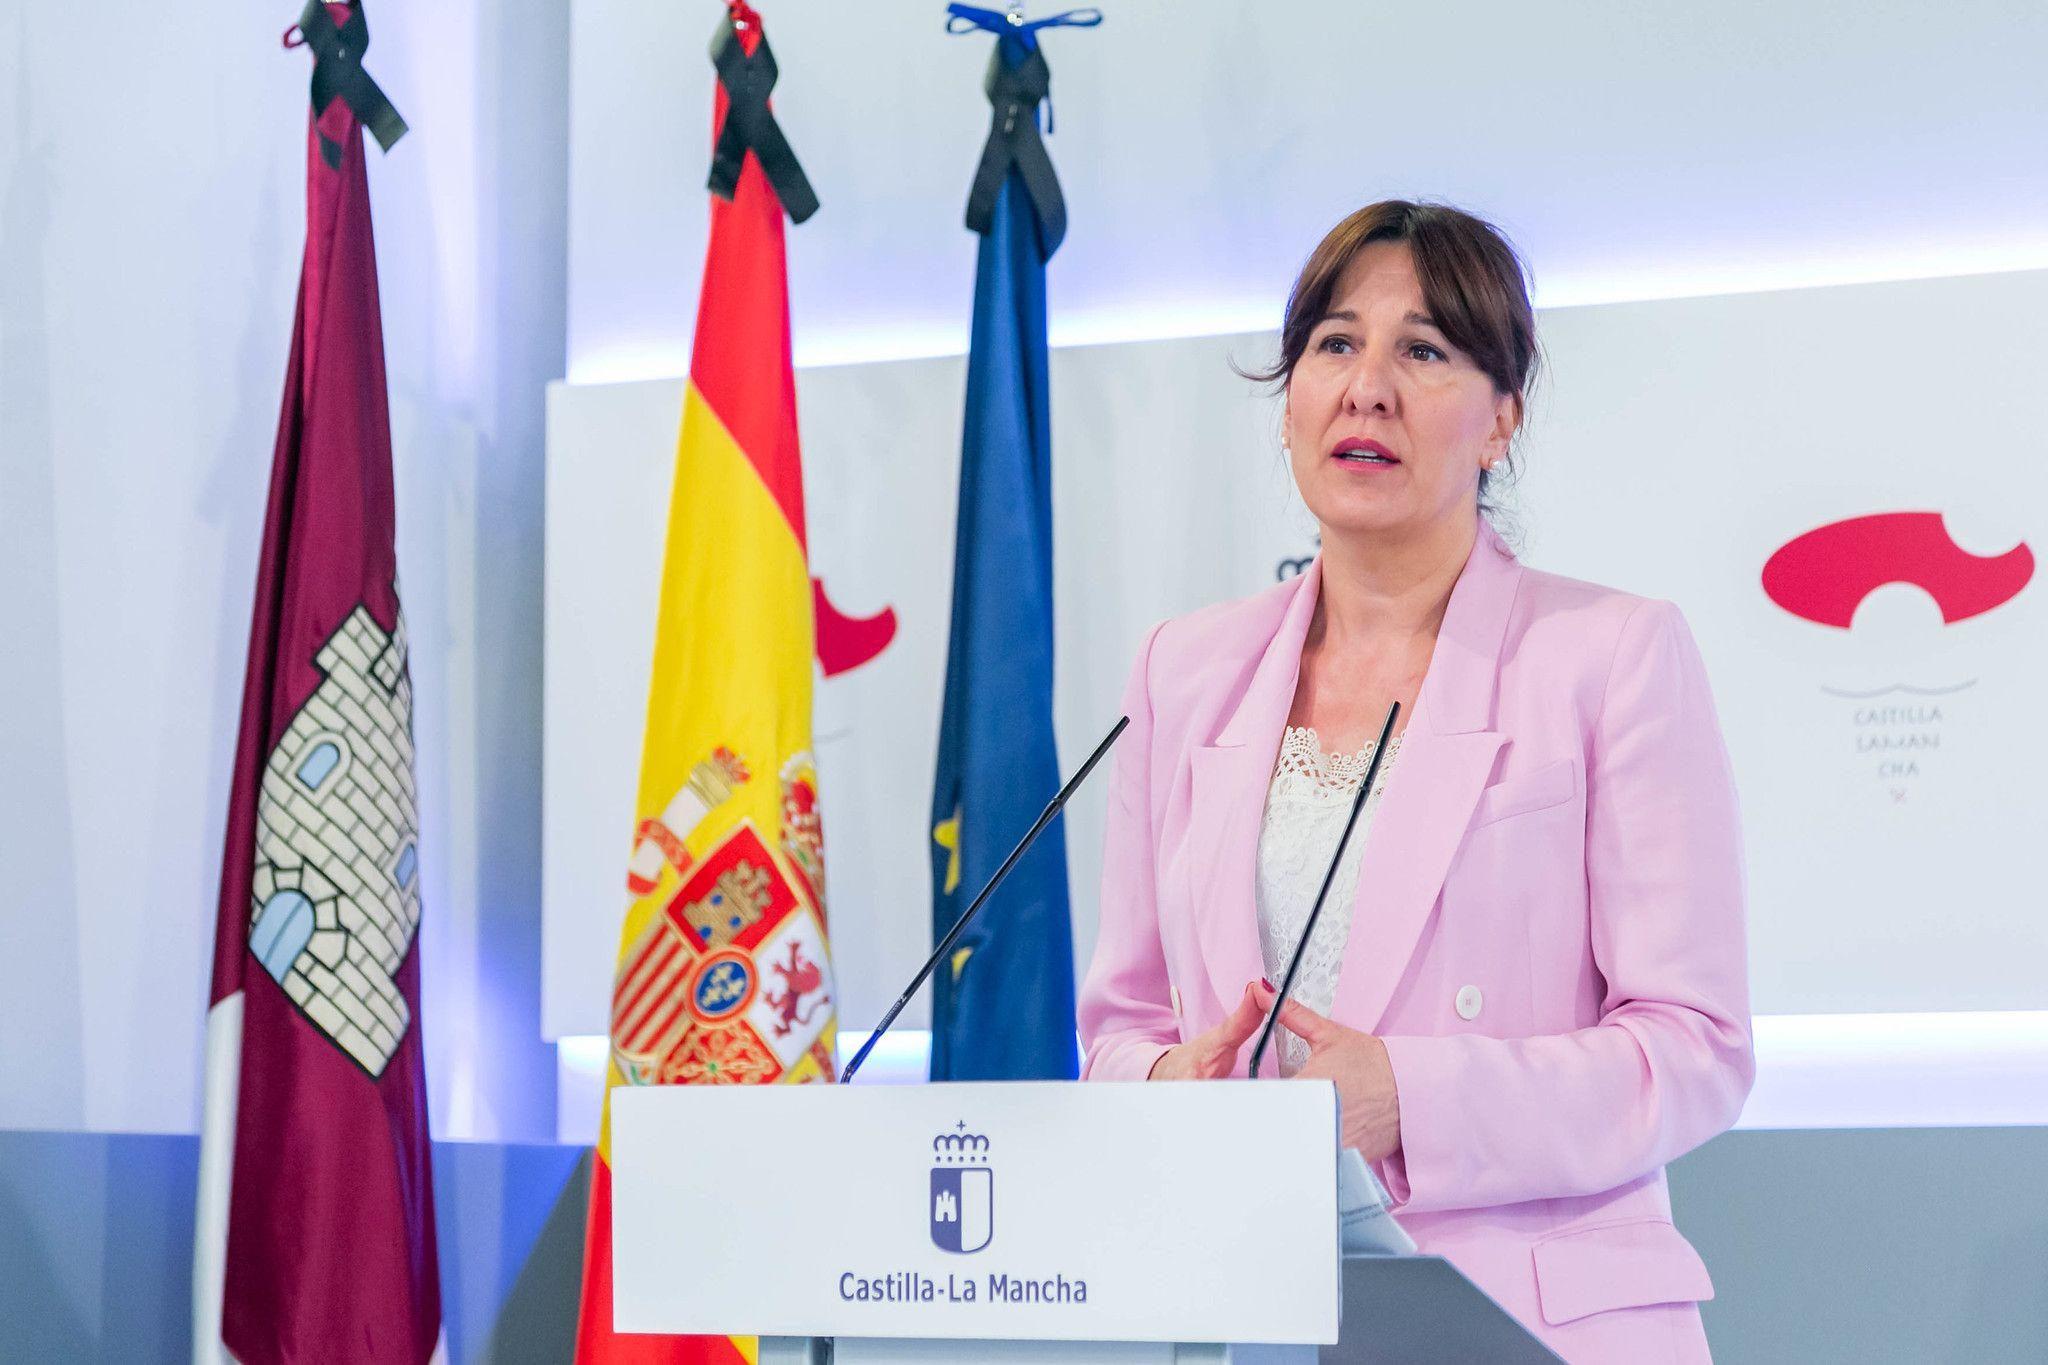 El Gobierno de Castilla-La Mancha destinará 150.000 euros para atender a víctimas de violencia machista en el recurso extraordinario de acogida